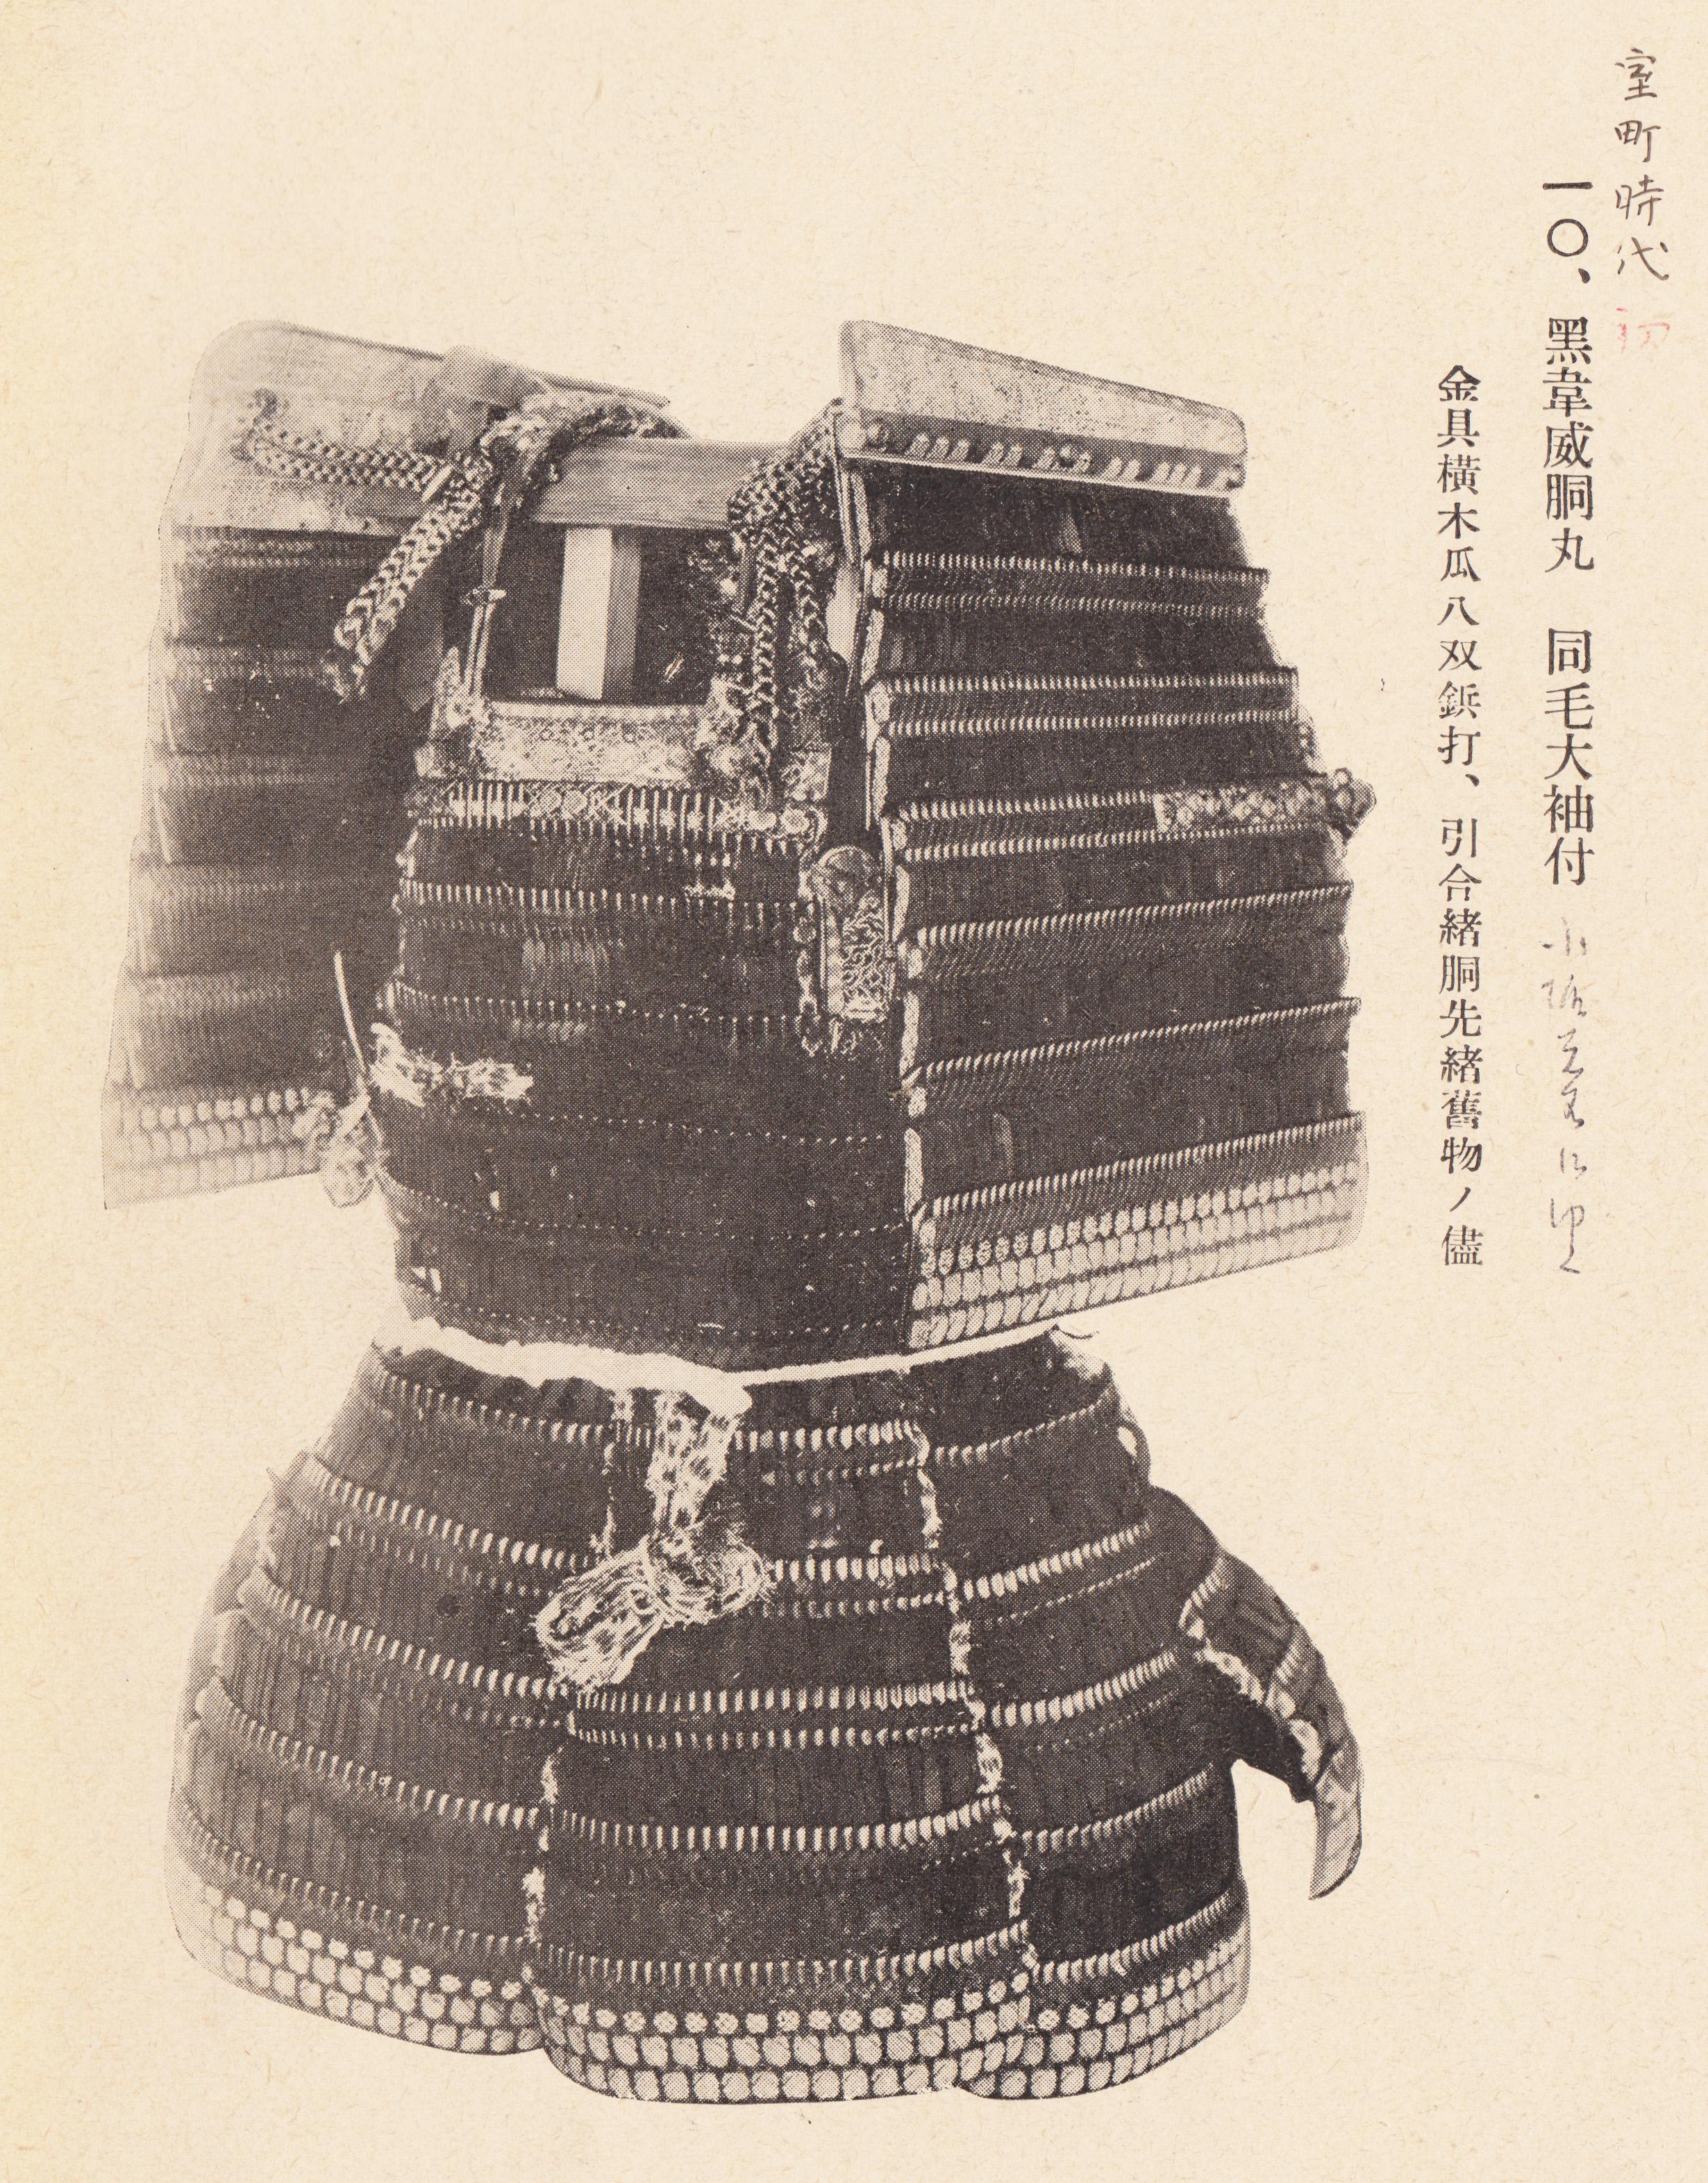 黒韋縅胴丸古写真